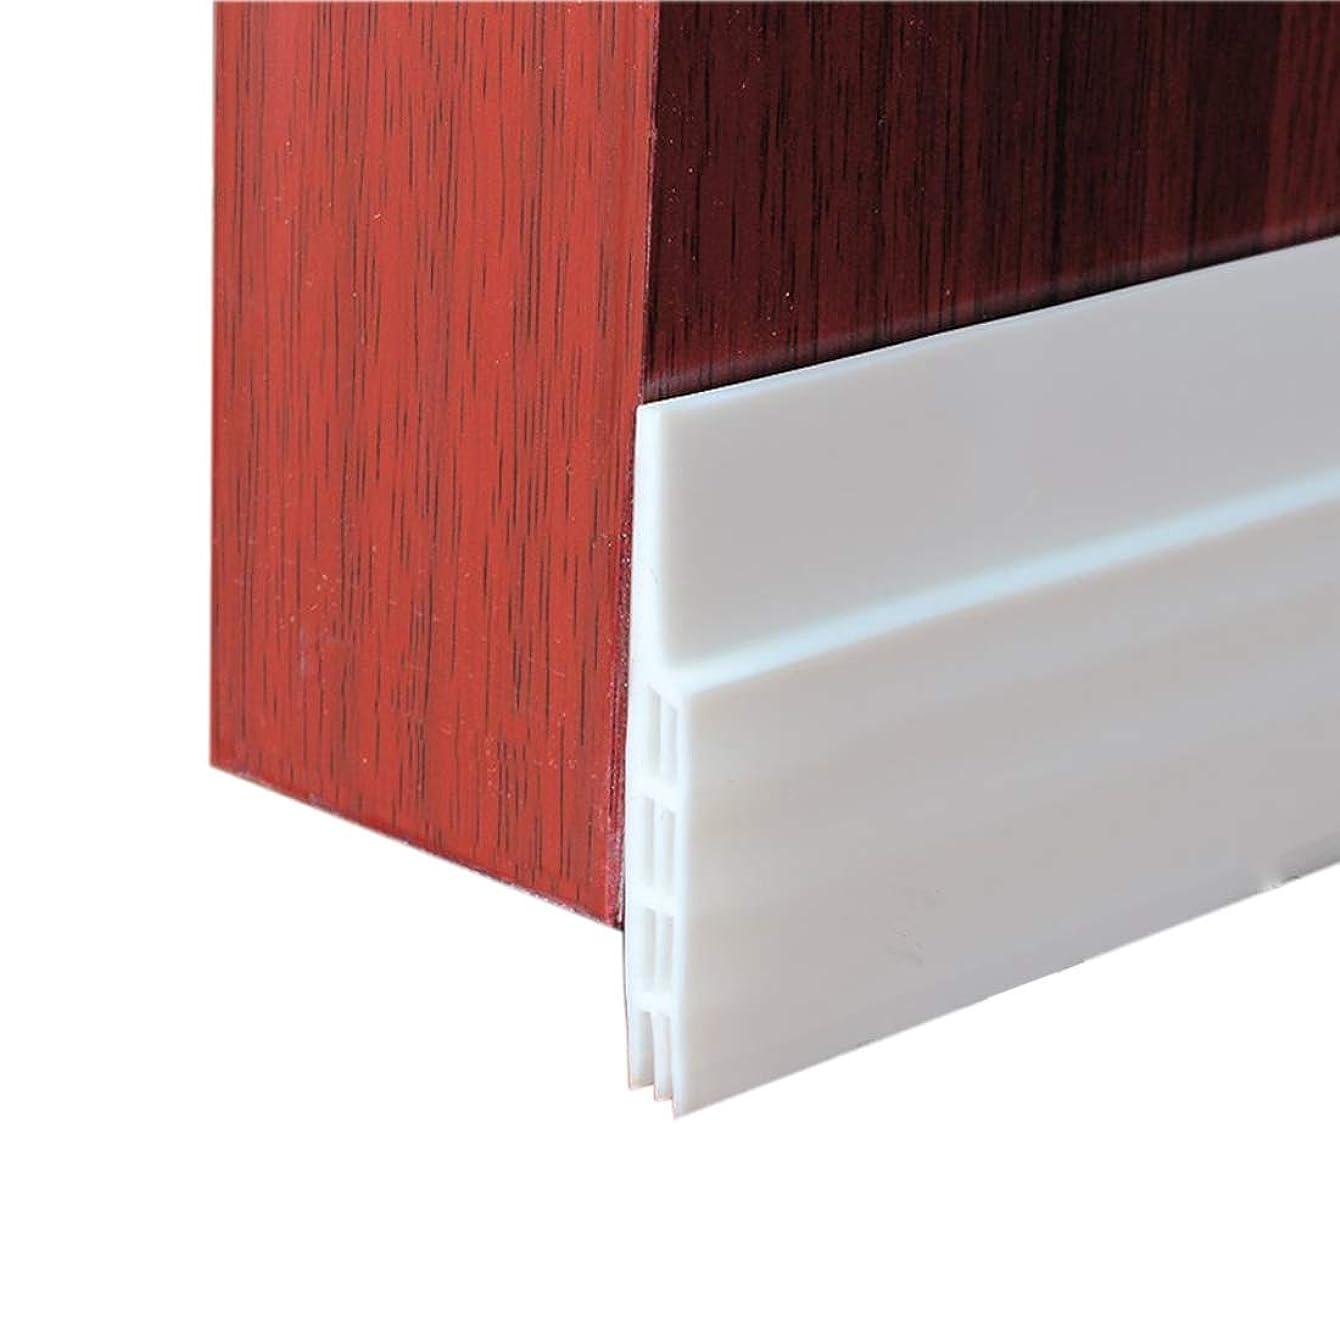 MAZU Door Bottom Seal Strip Energy & Money Saving in Winter Save Air Conditioner Cost Keep Bugs&Noise Off Under Door Sweep Weather Stripping Door Draft Stopper 2